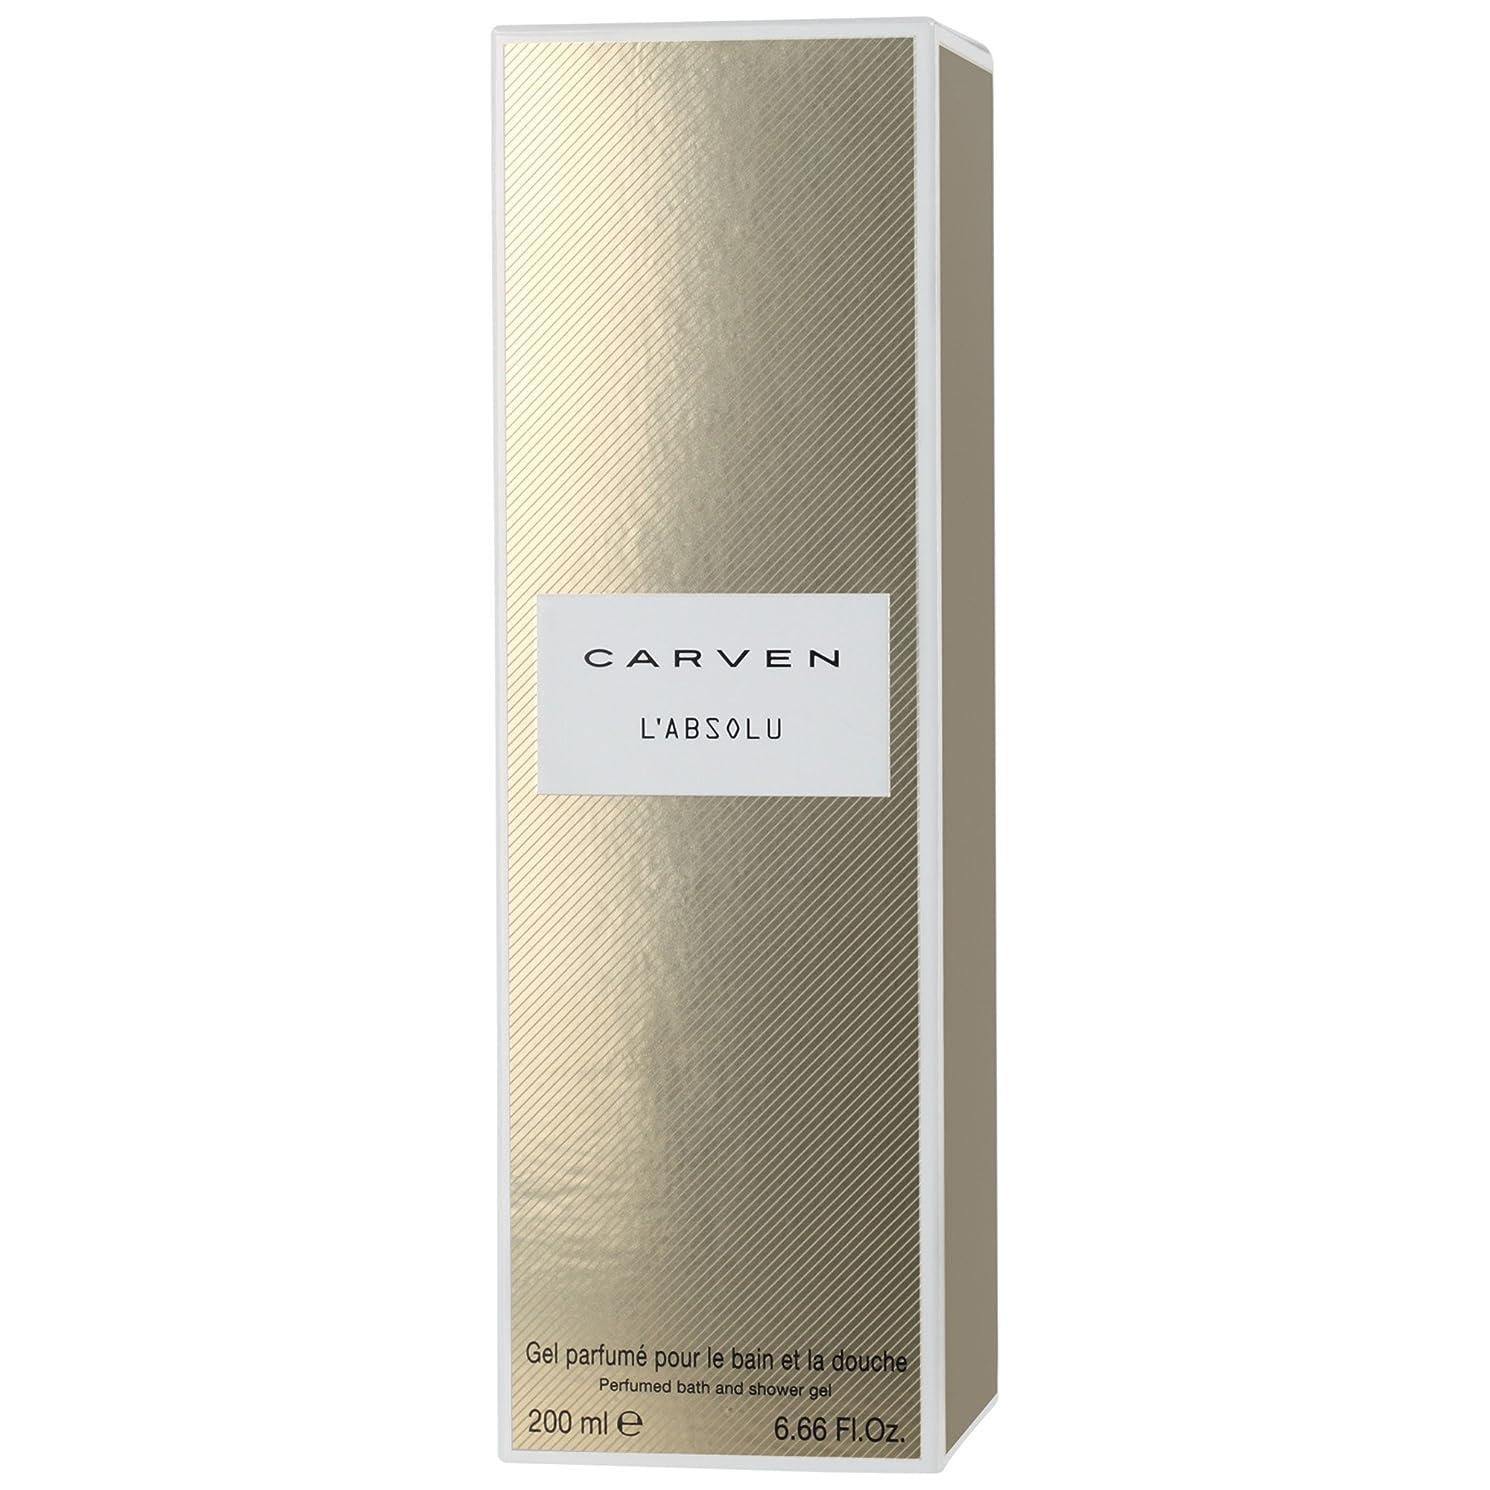 できる昆虫豊富にCarven L'Absoluシャワージェル200ミリリットル (Carven) - Carven L'absolu Shower Gel 200ml [並行輸入品]